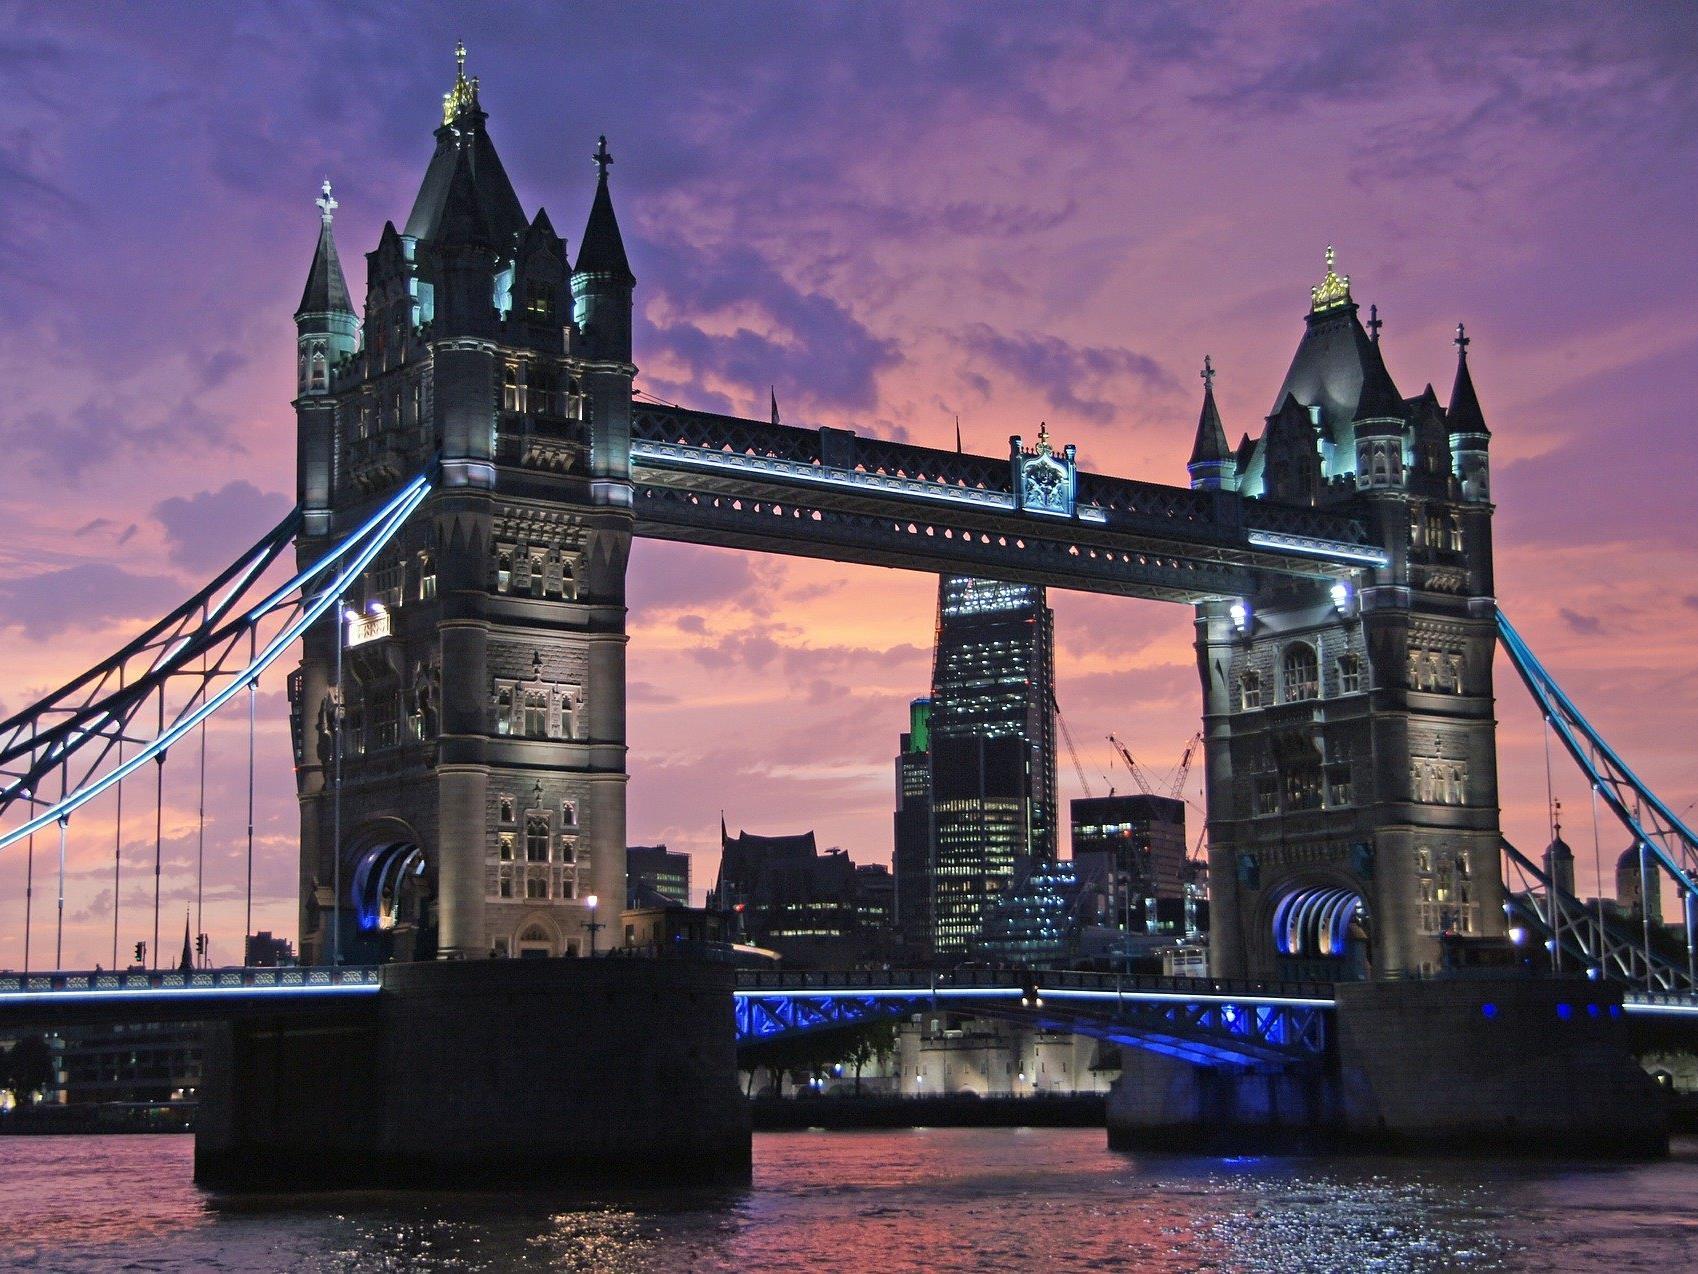 Die Tower Bridge in London.